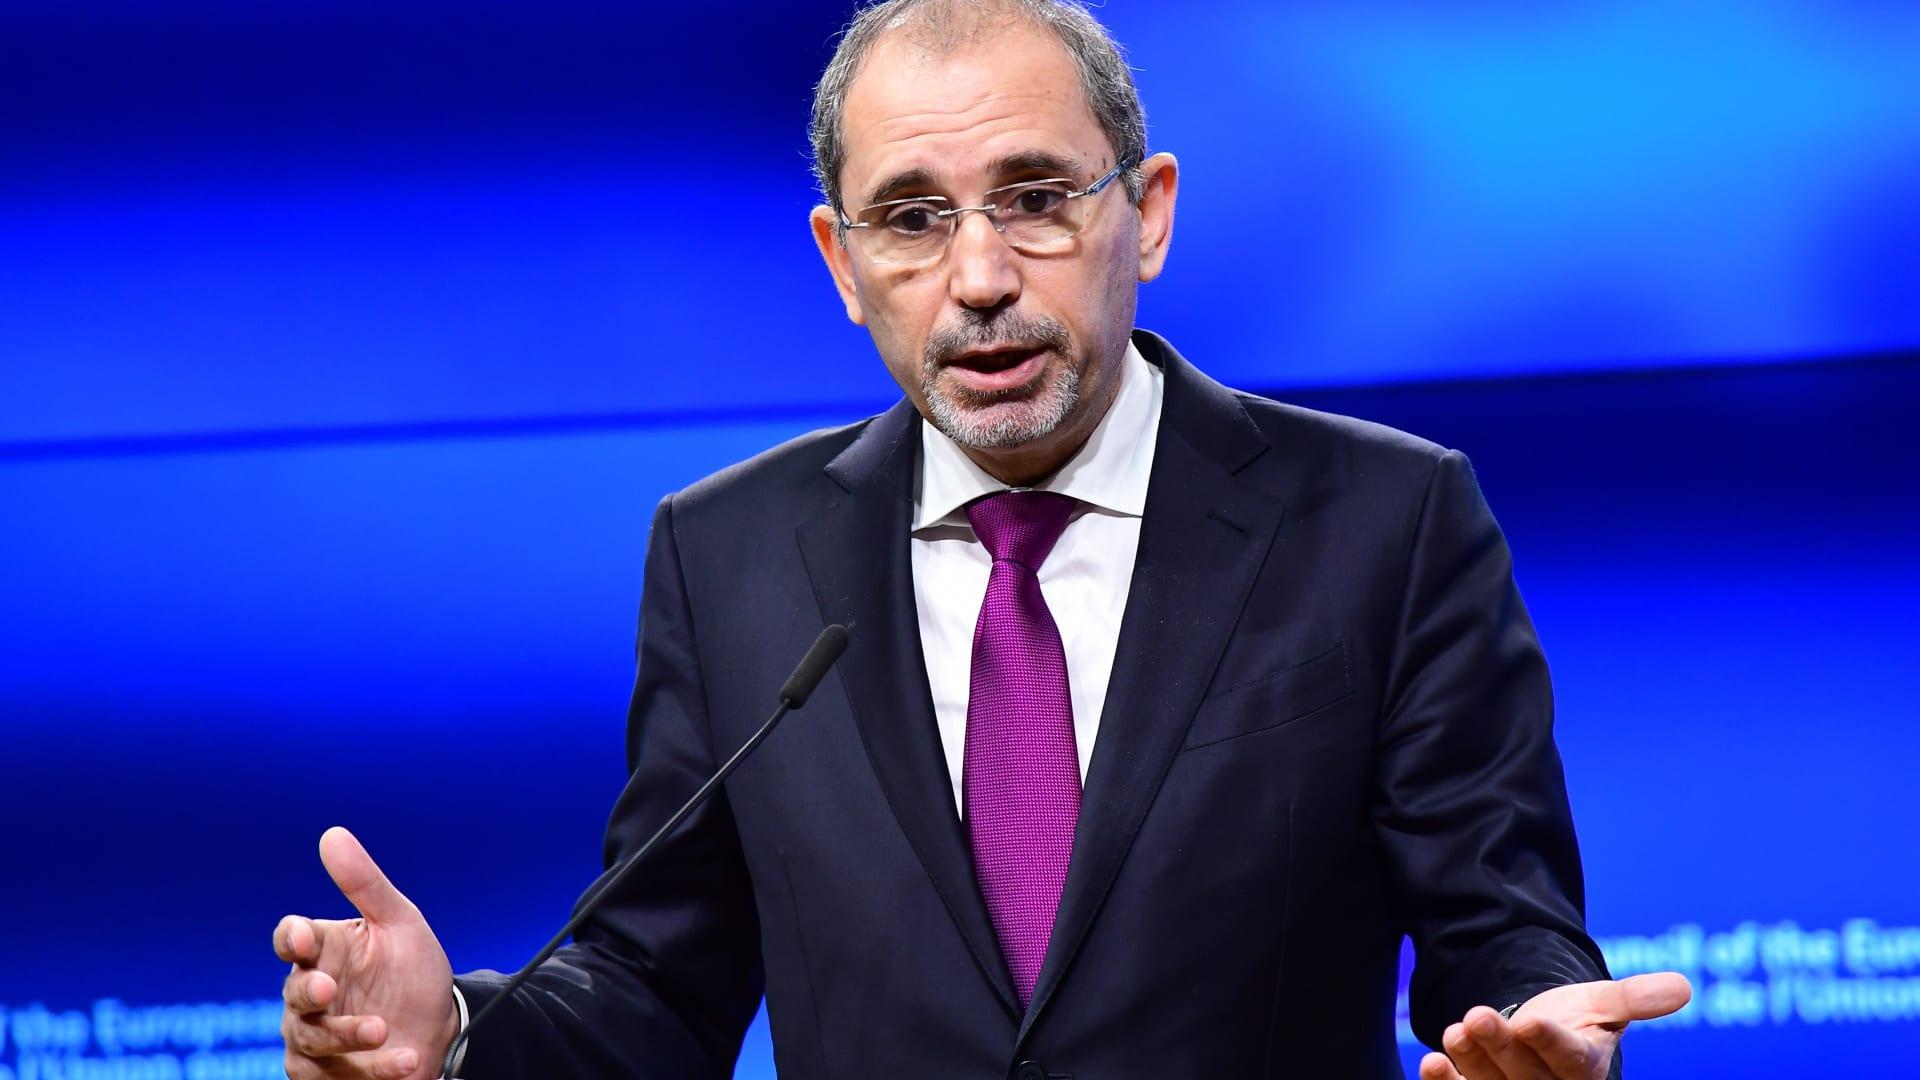 نتنياهو: سأضم غور الأردن إذا أعيد انتخابي رئيسًا للوزراء